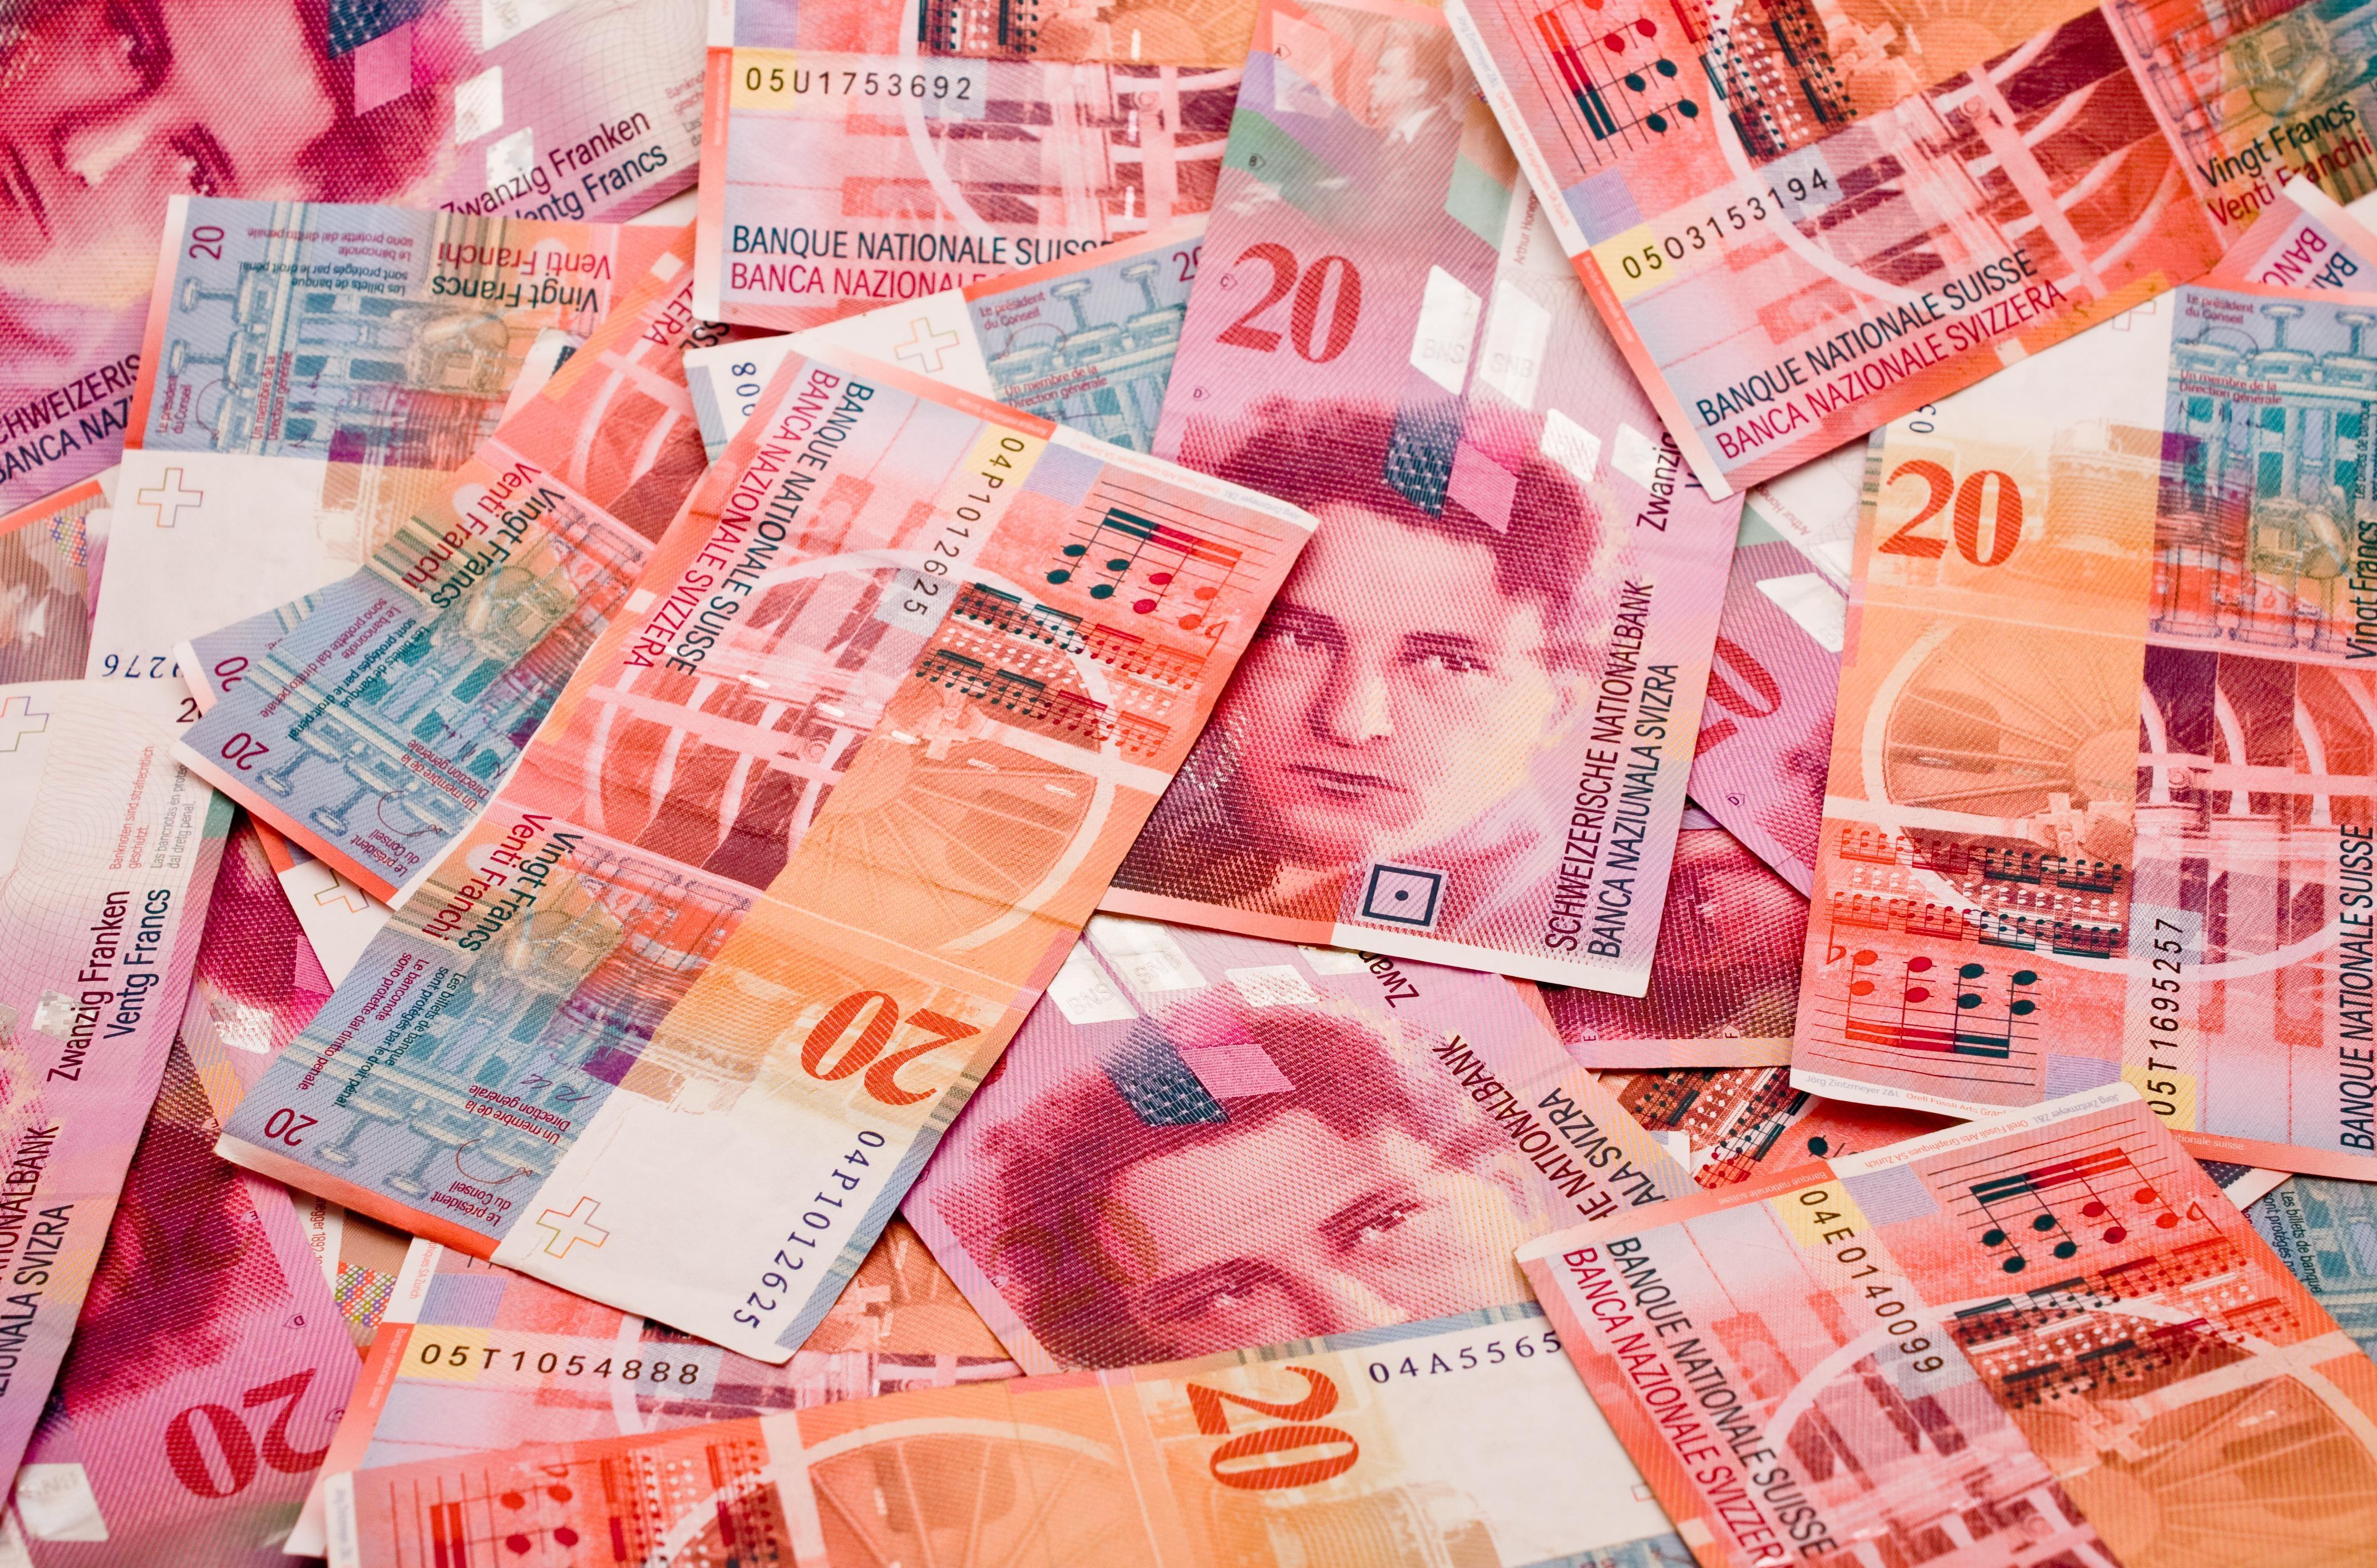 швейцария валюта фото картинки них